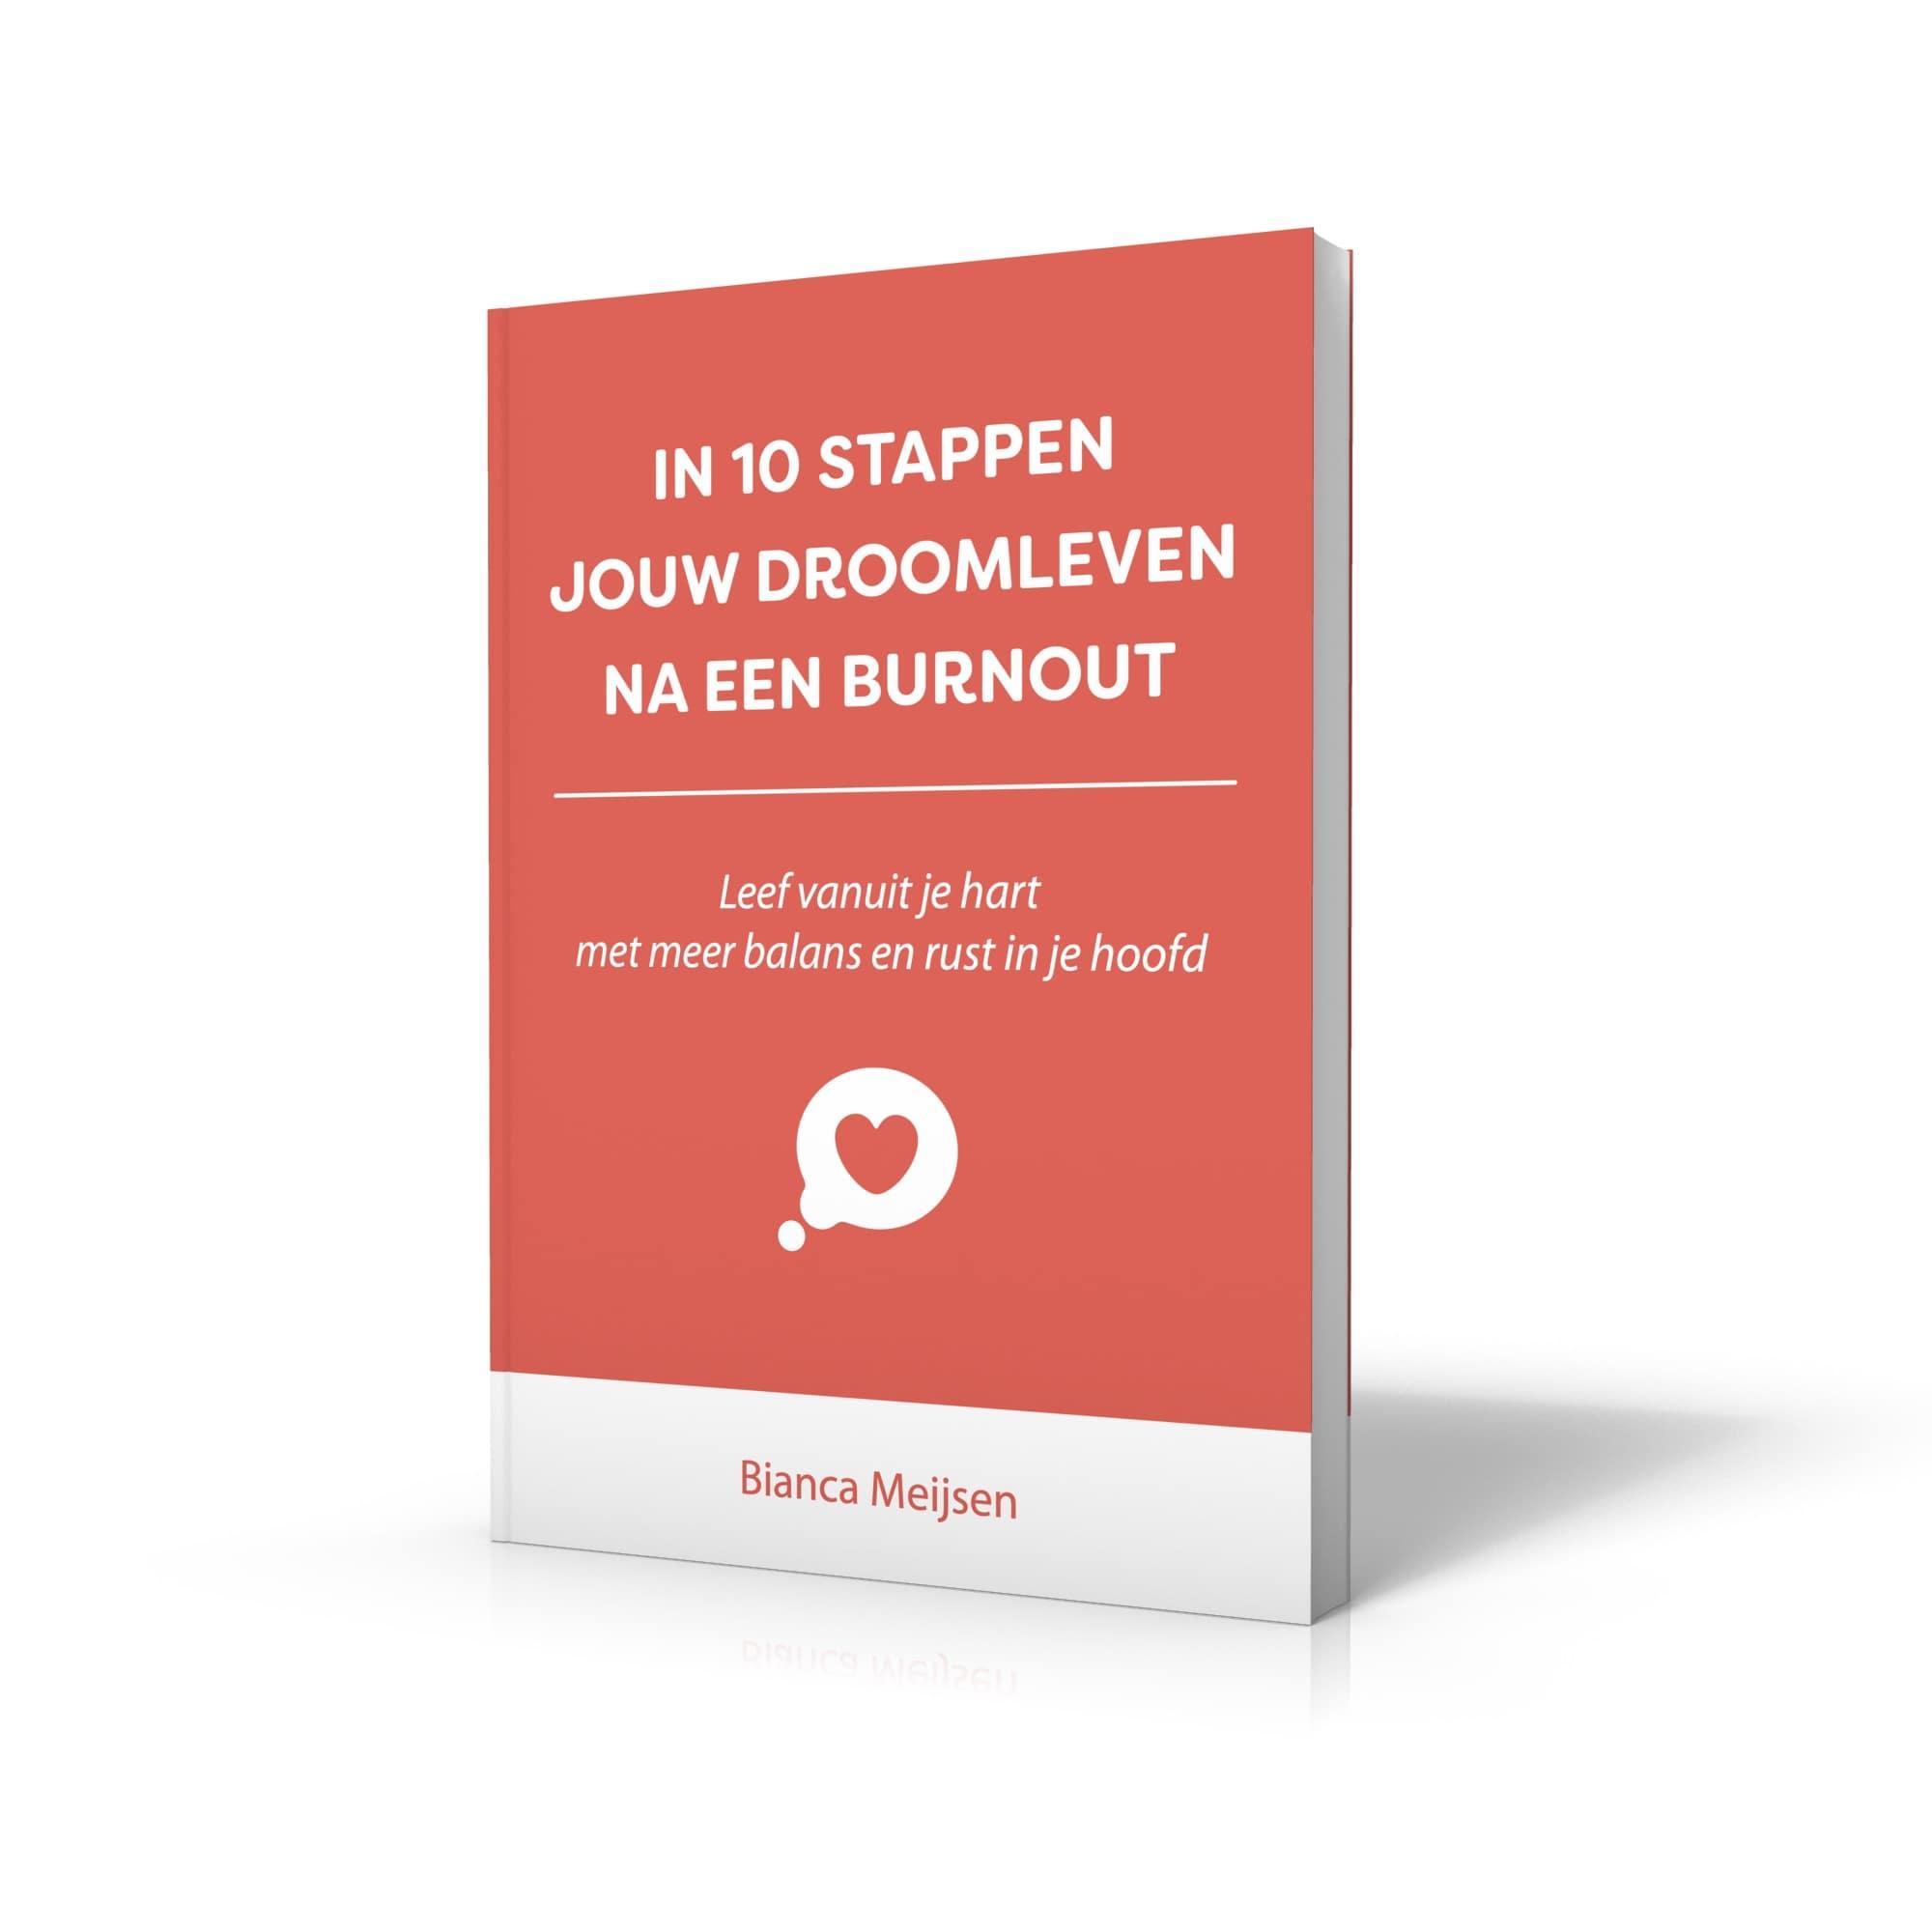 Boek - In 10 stappen jouw droomleven na een burnout